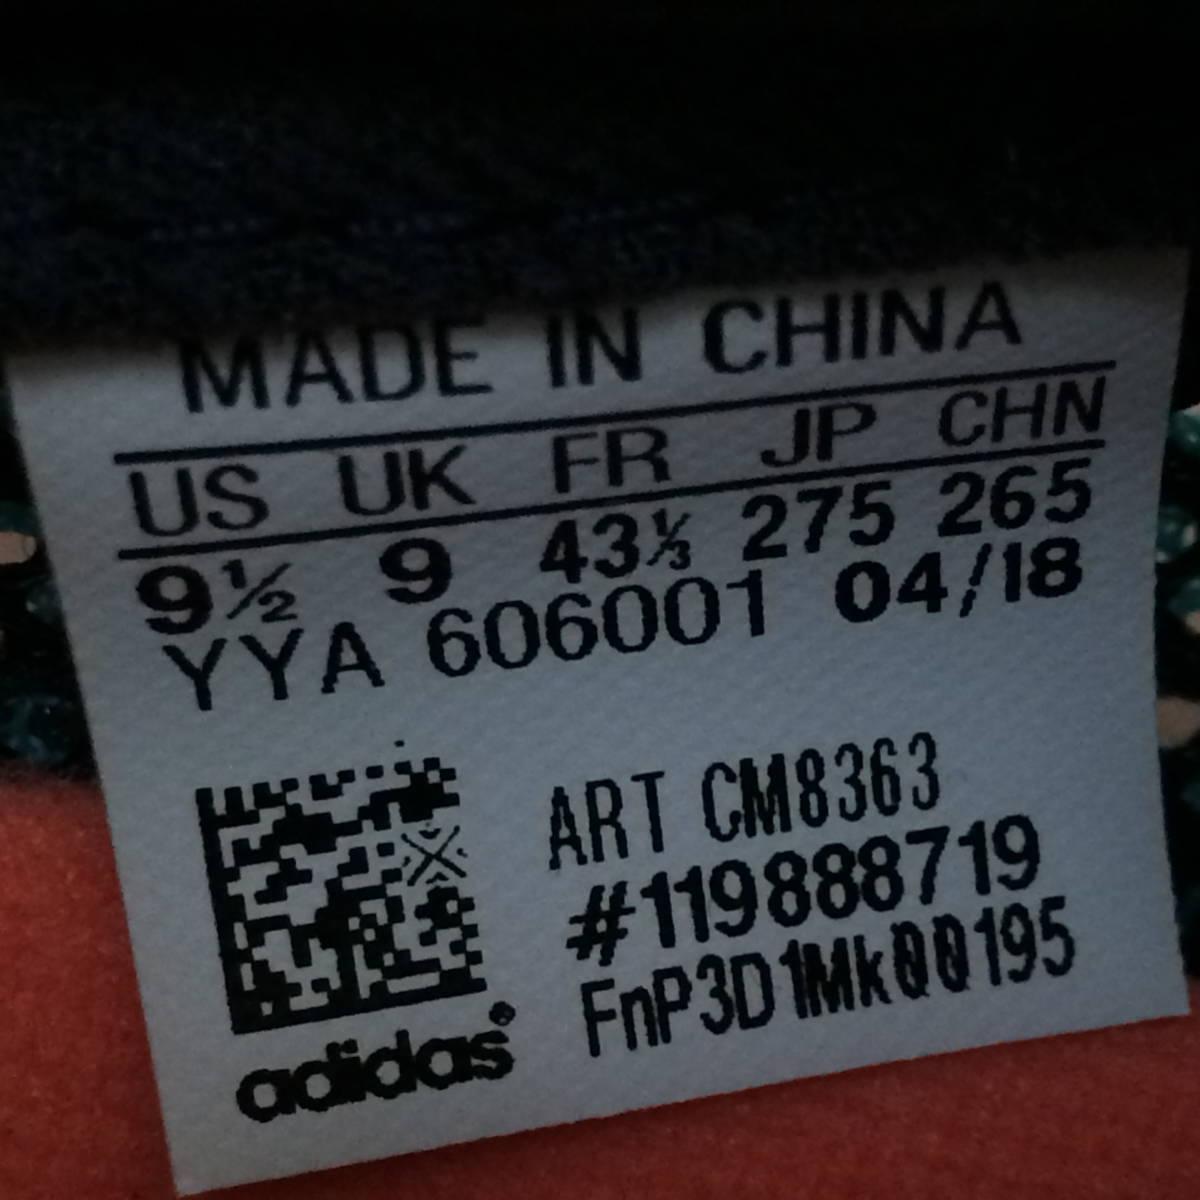 新品【国内正規 27.5cm】adidas adizero Japan 3 WIDE アディダス アディゼロ ジャパン 3 ワイド CM8363 ランニング【即決 即発送】_画像6